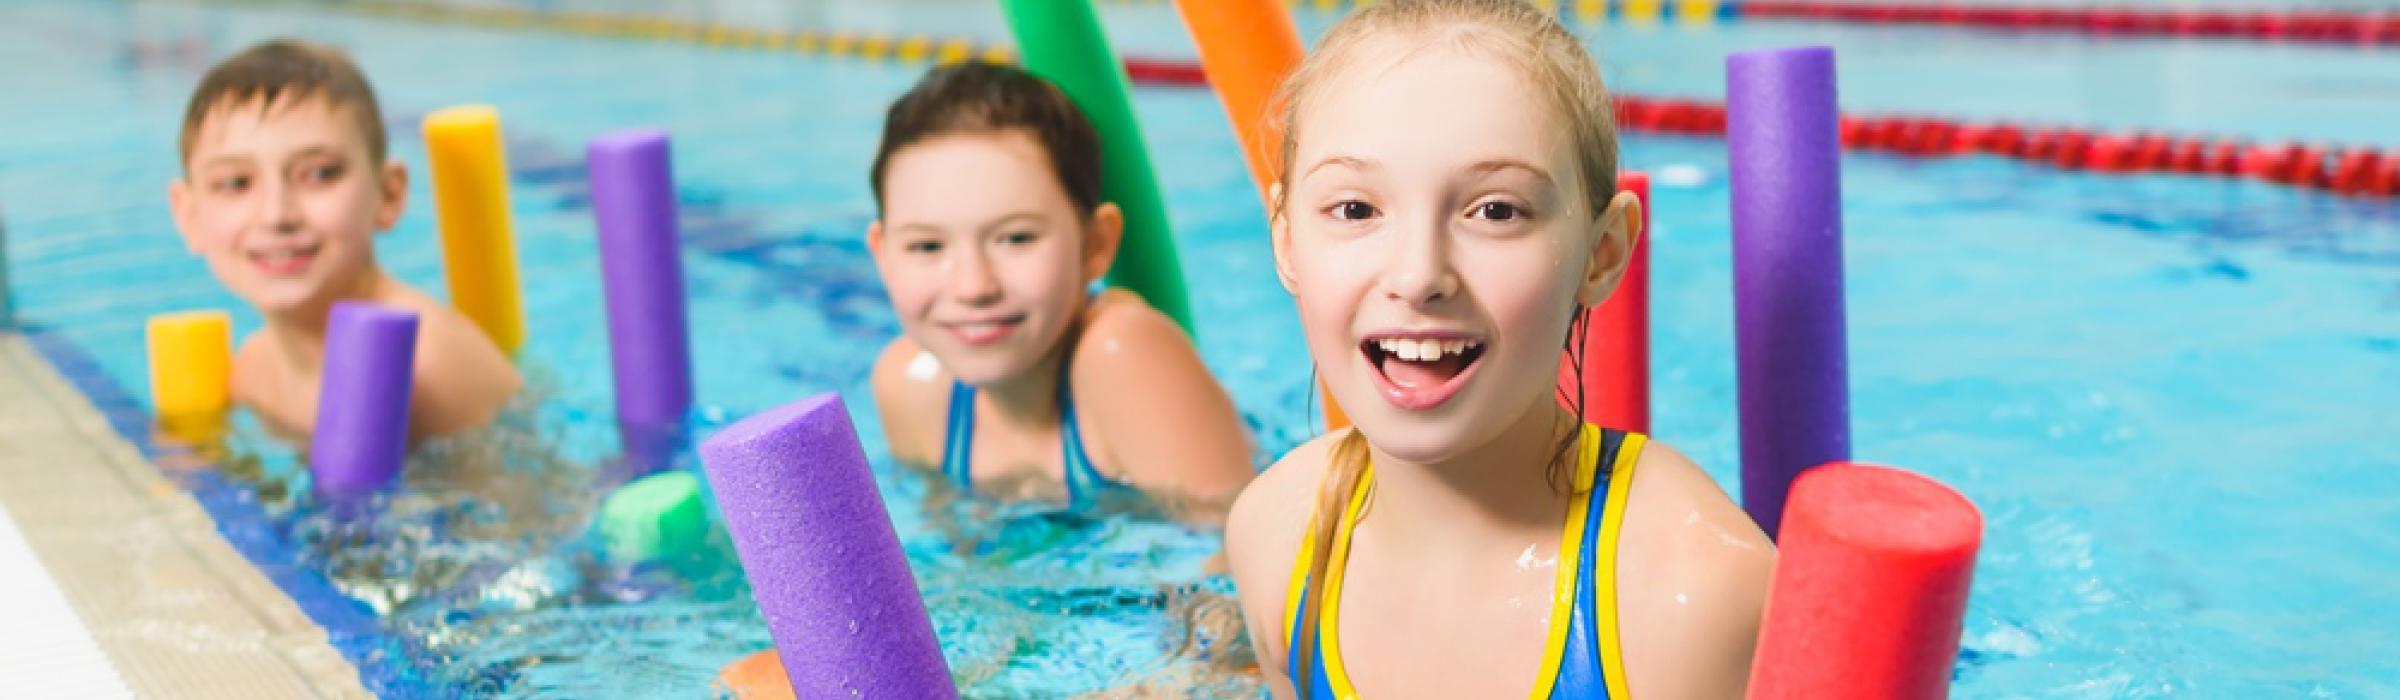 bfd27b8ae Få svar på 9 spørgsmål om fysisk aktivitet for lungesyge børn ...